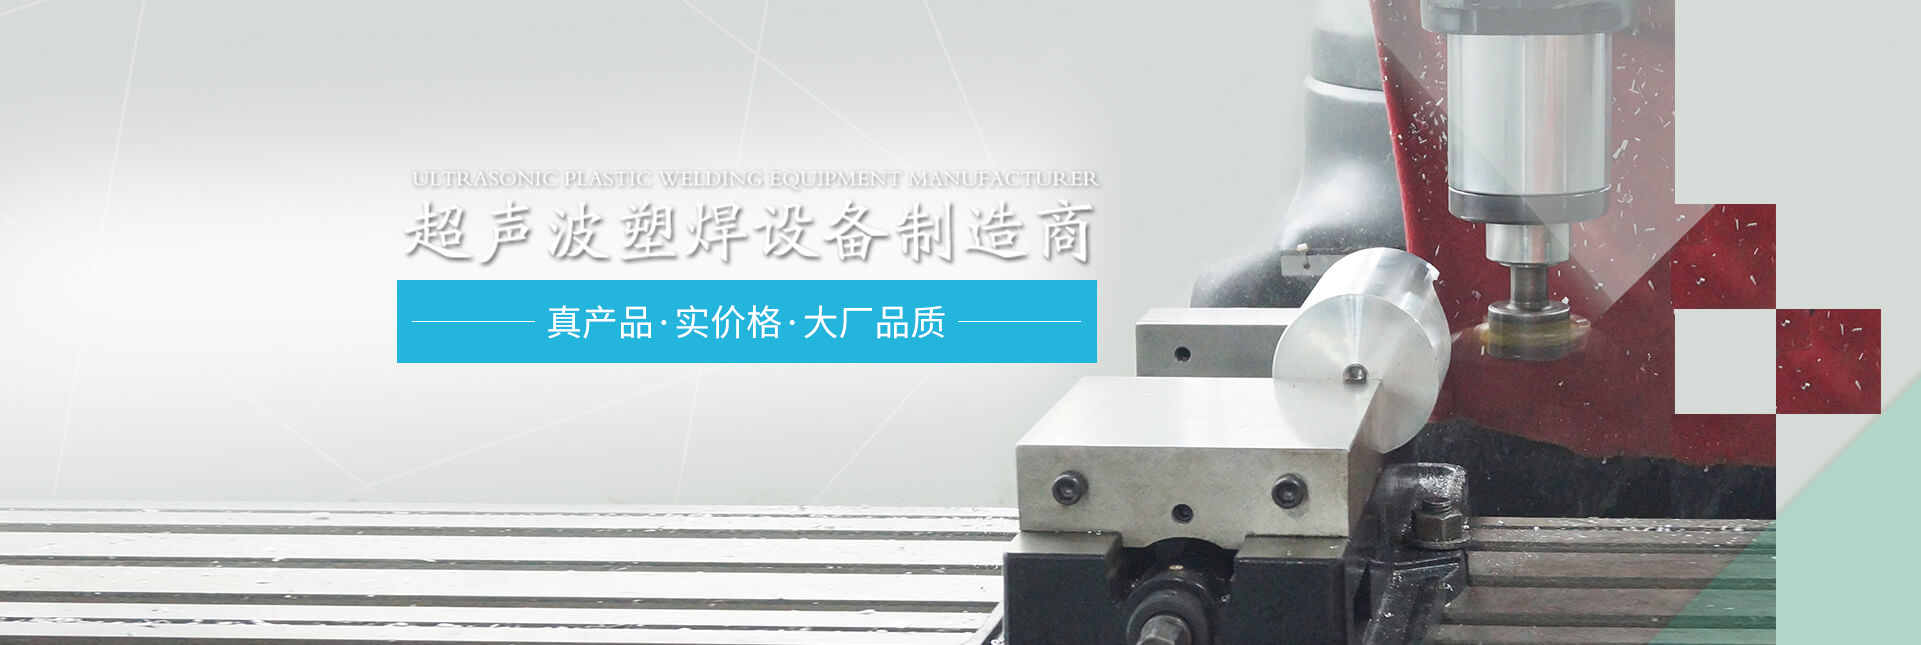 澳门所有赌钱网址-超声波塑焊设备制造商